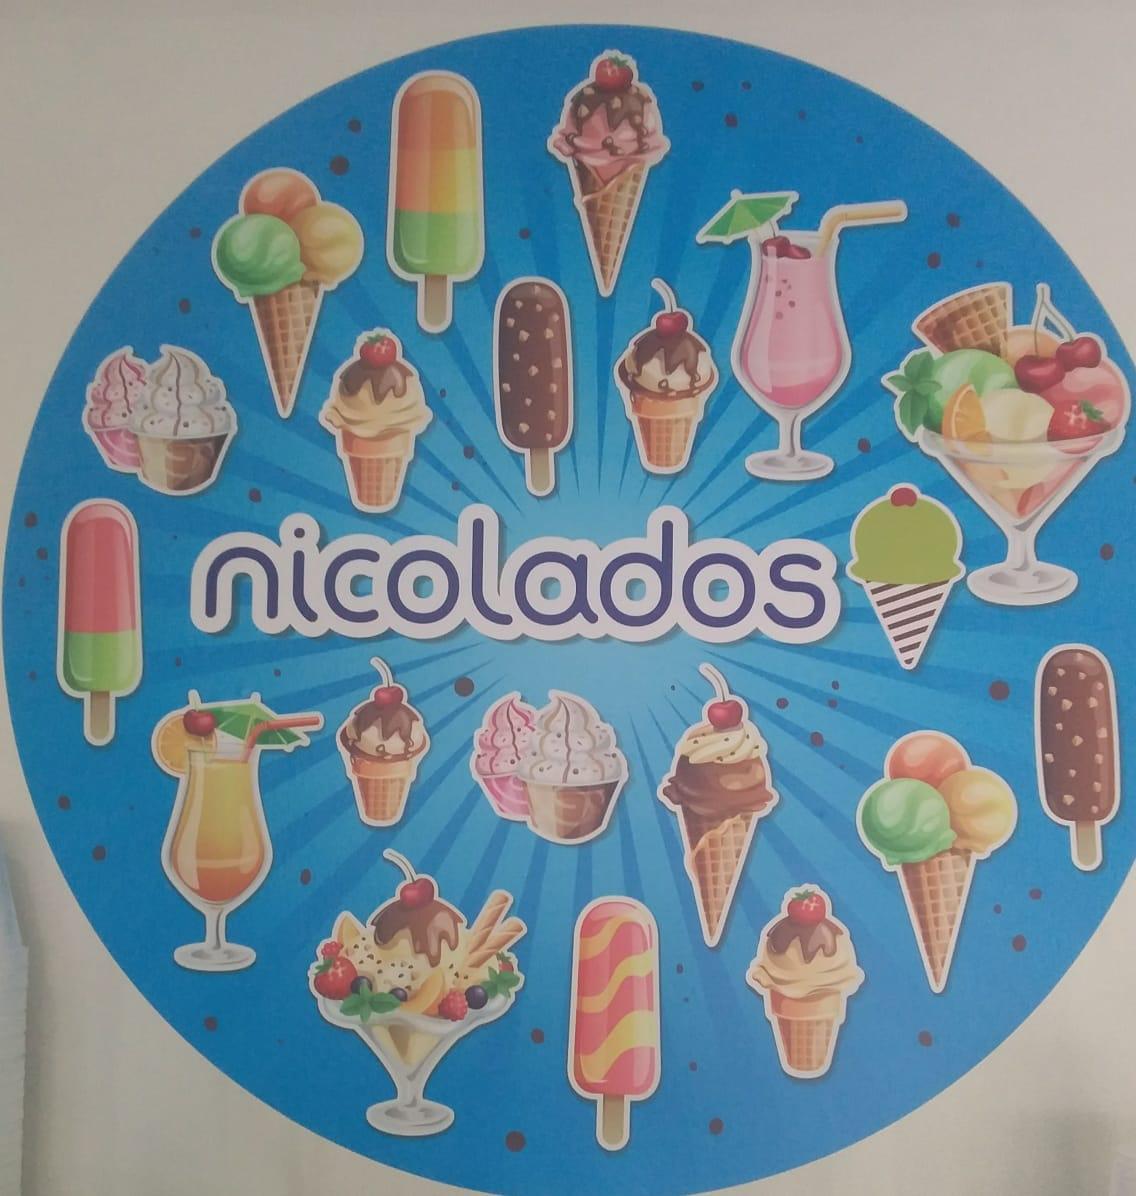 Nicolados